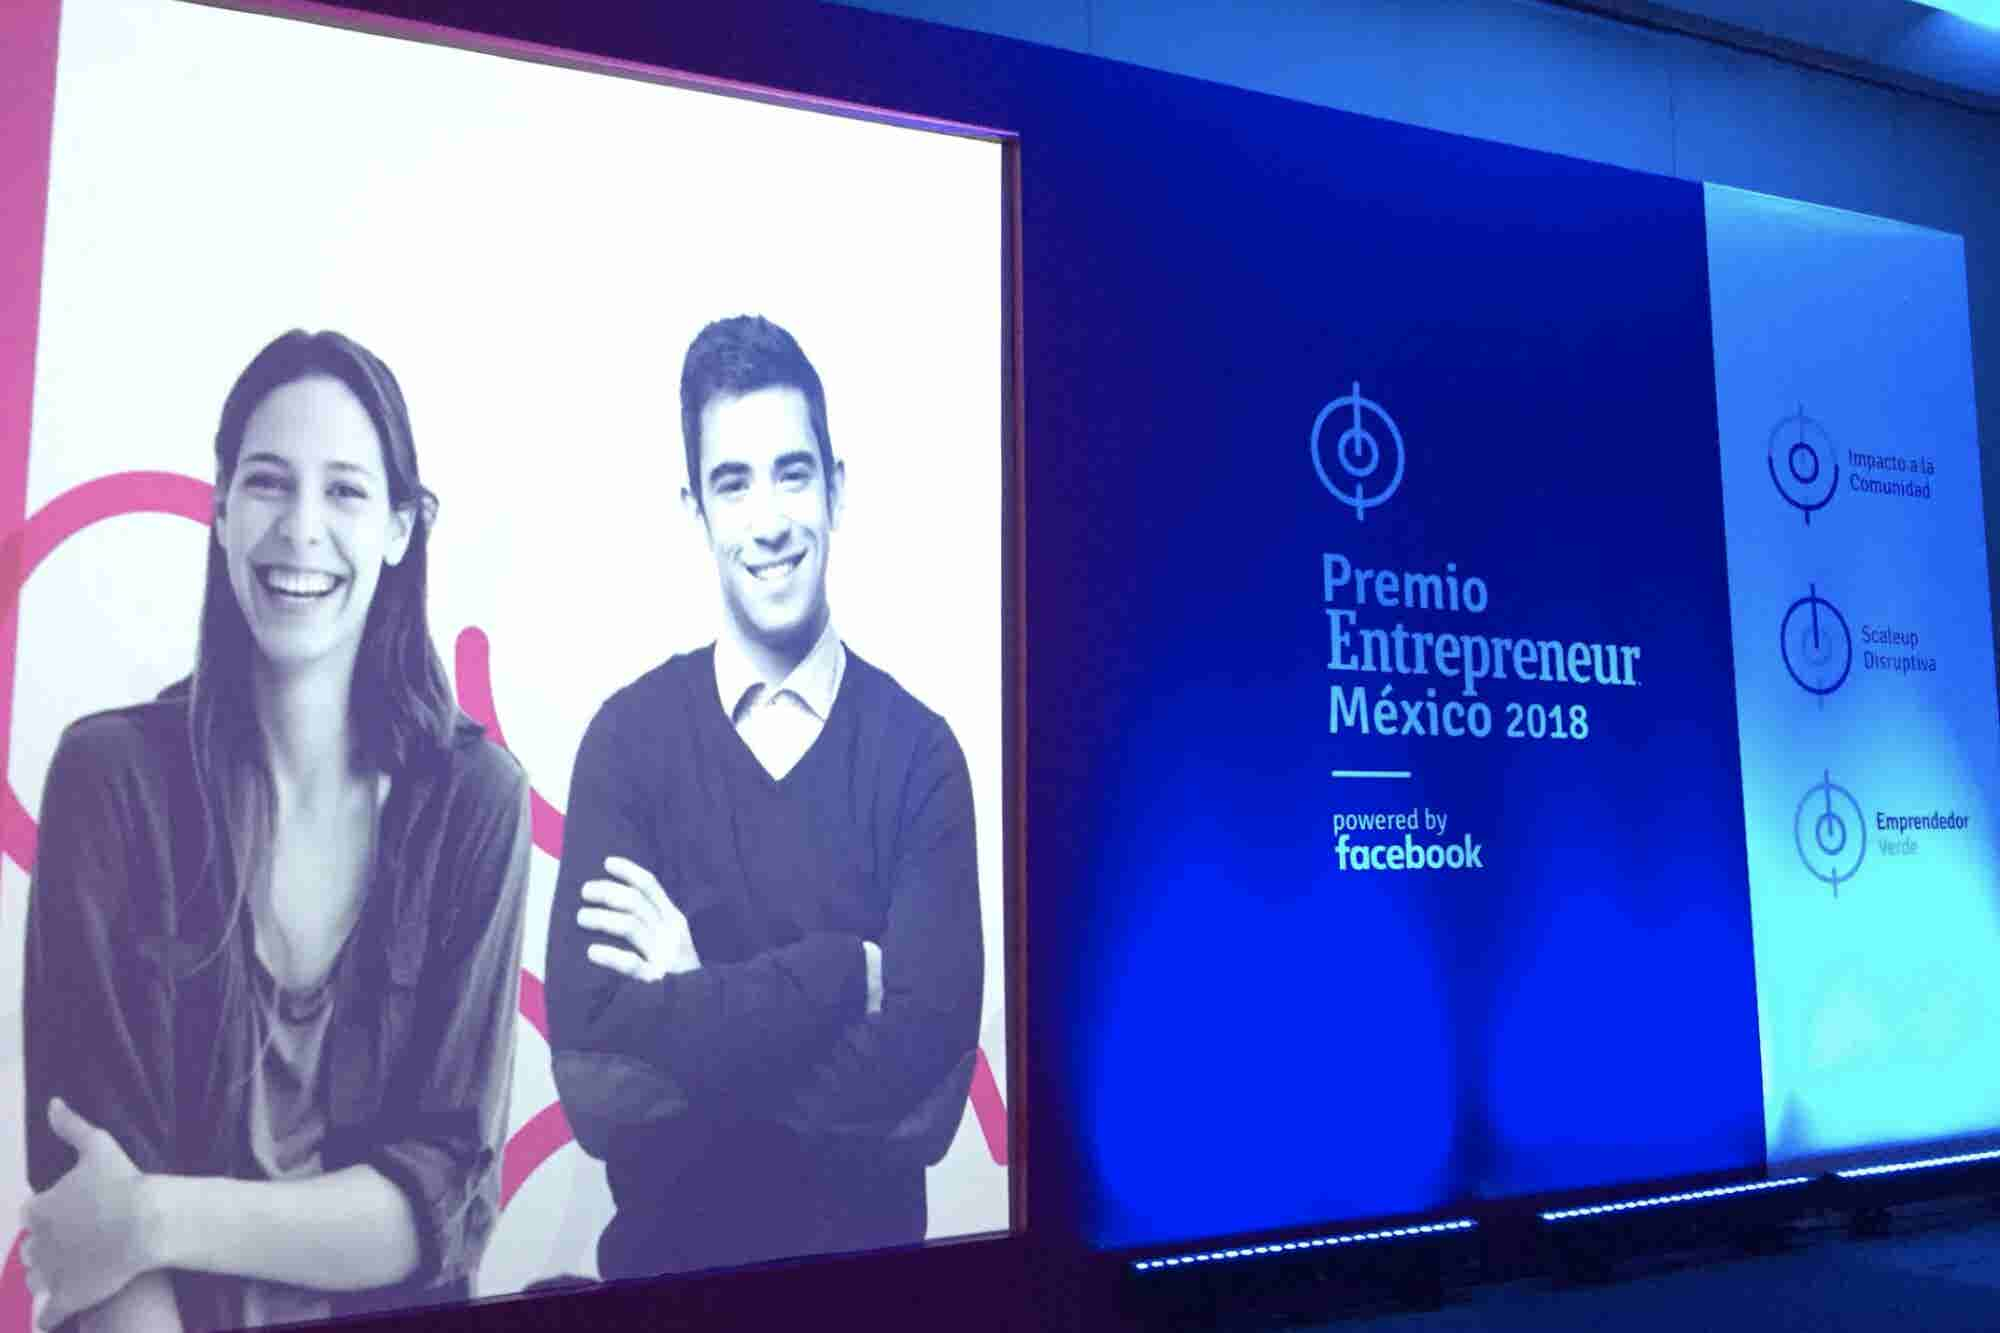 Ellos son los ganadores del Premio Entrepreneur México 2018